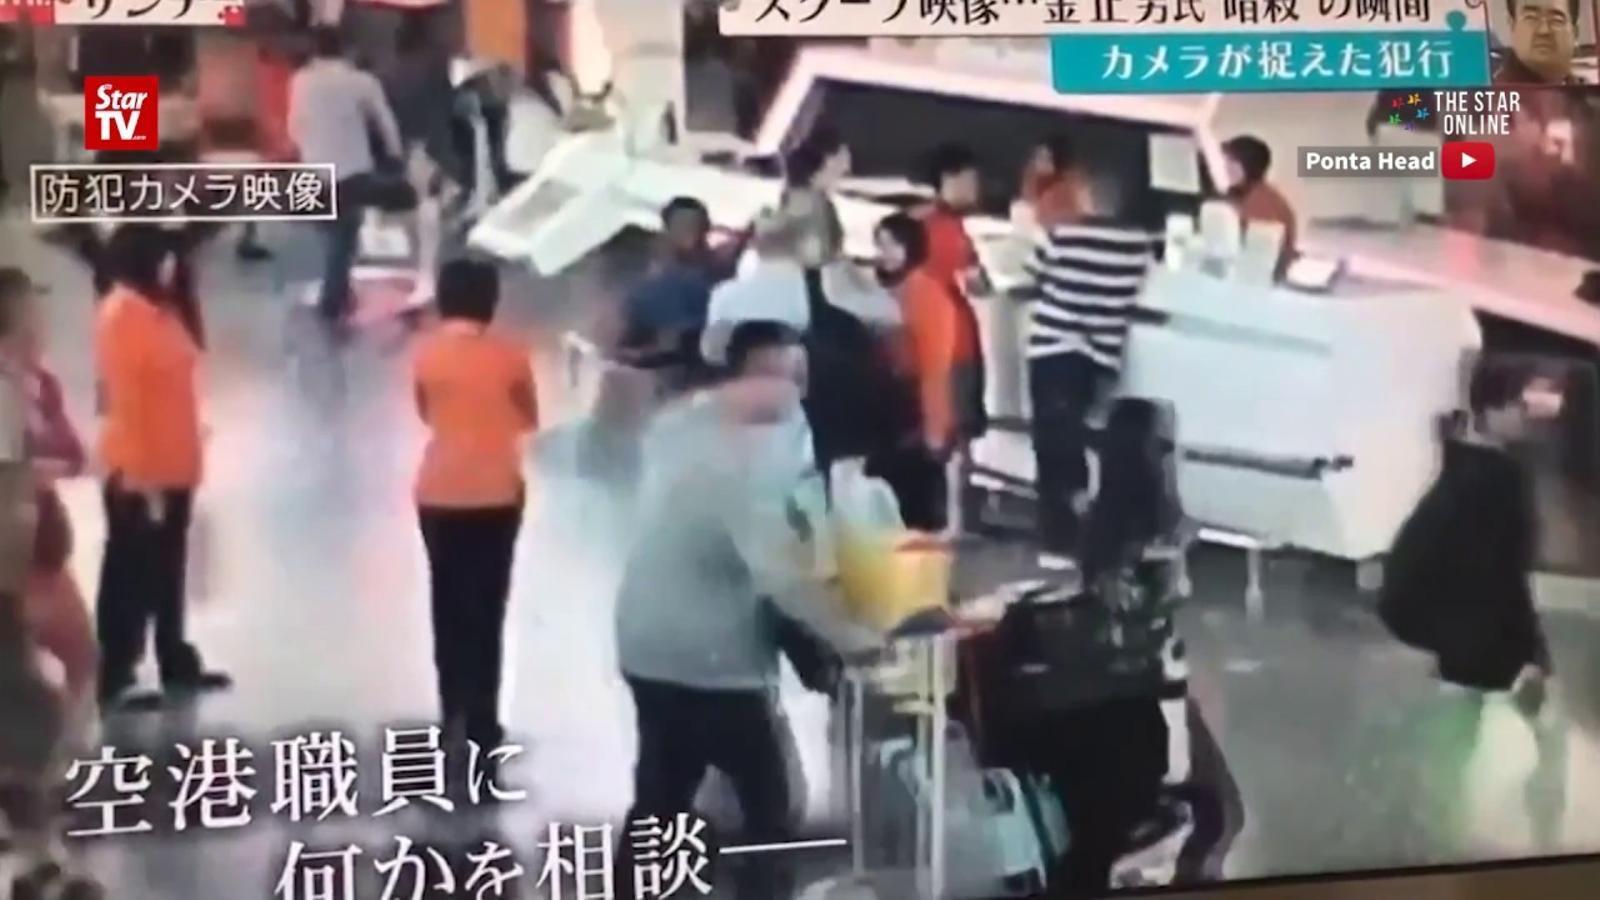 Vídeo que mostra l'agressió a Kim Jong-nam a l'aeroport de Kuala Lumpur